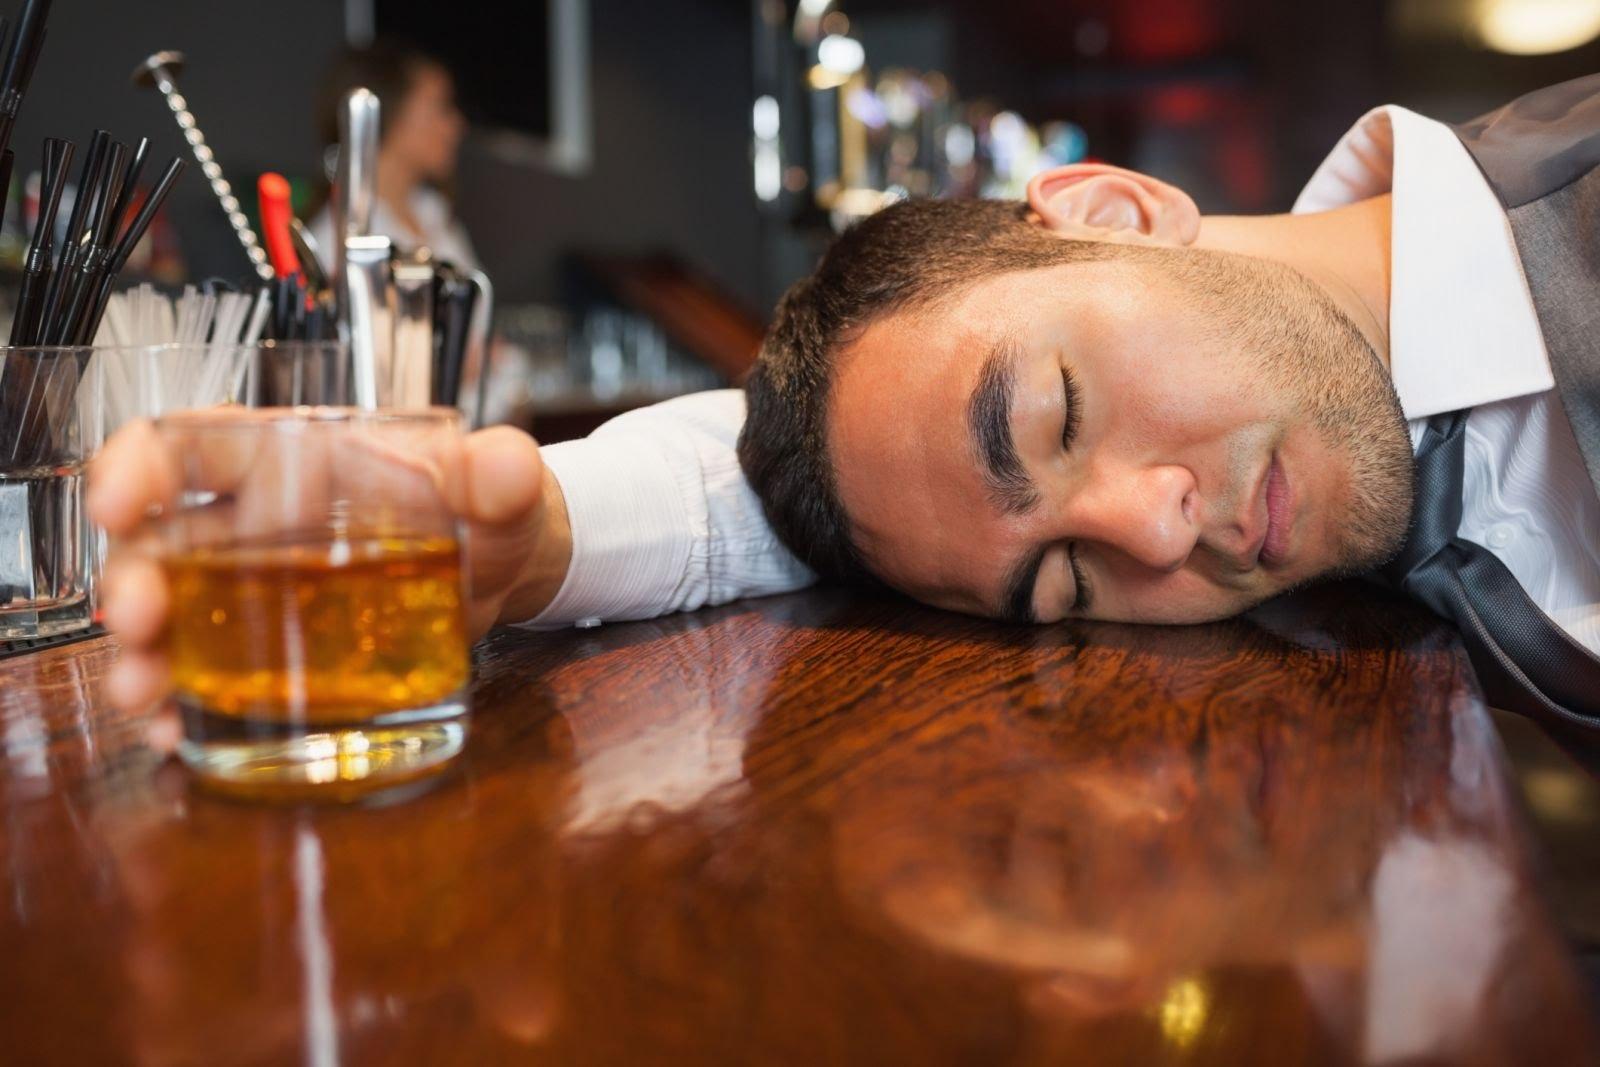 Uống nhiều rượu có thể gây bệnh gan nhiễm mỡ